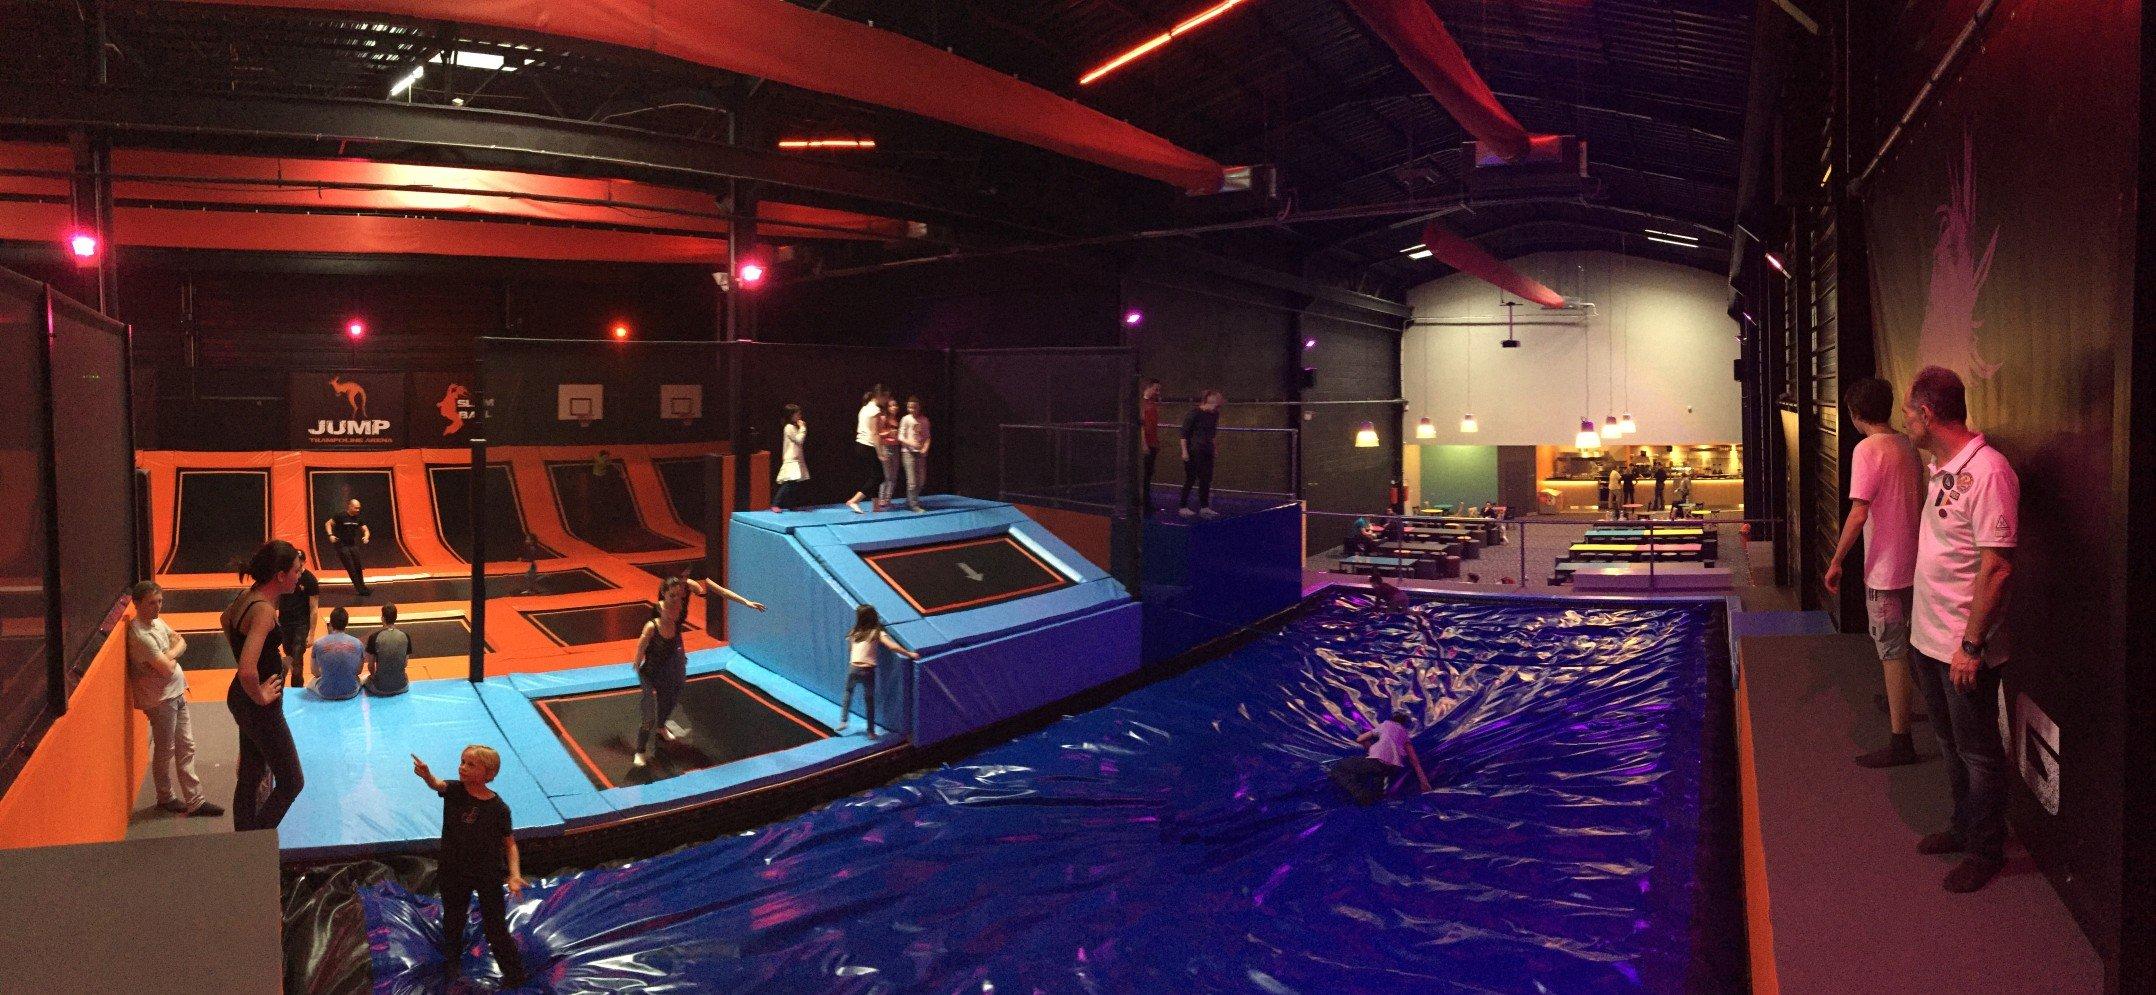 On a essayé JUMP Orléans, parc dédié aux trampolines. 11